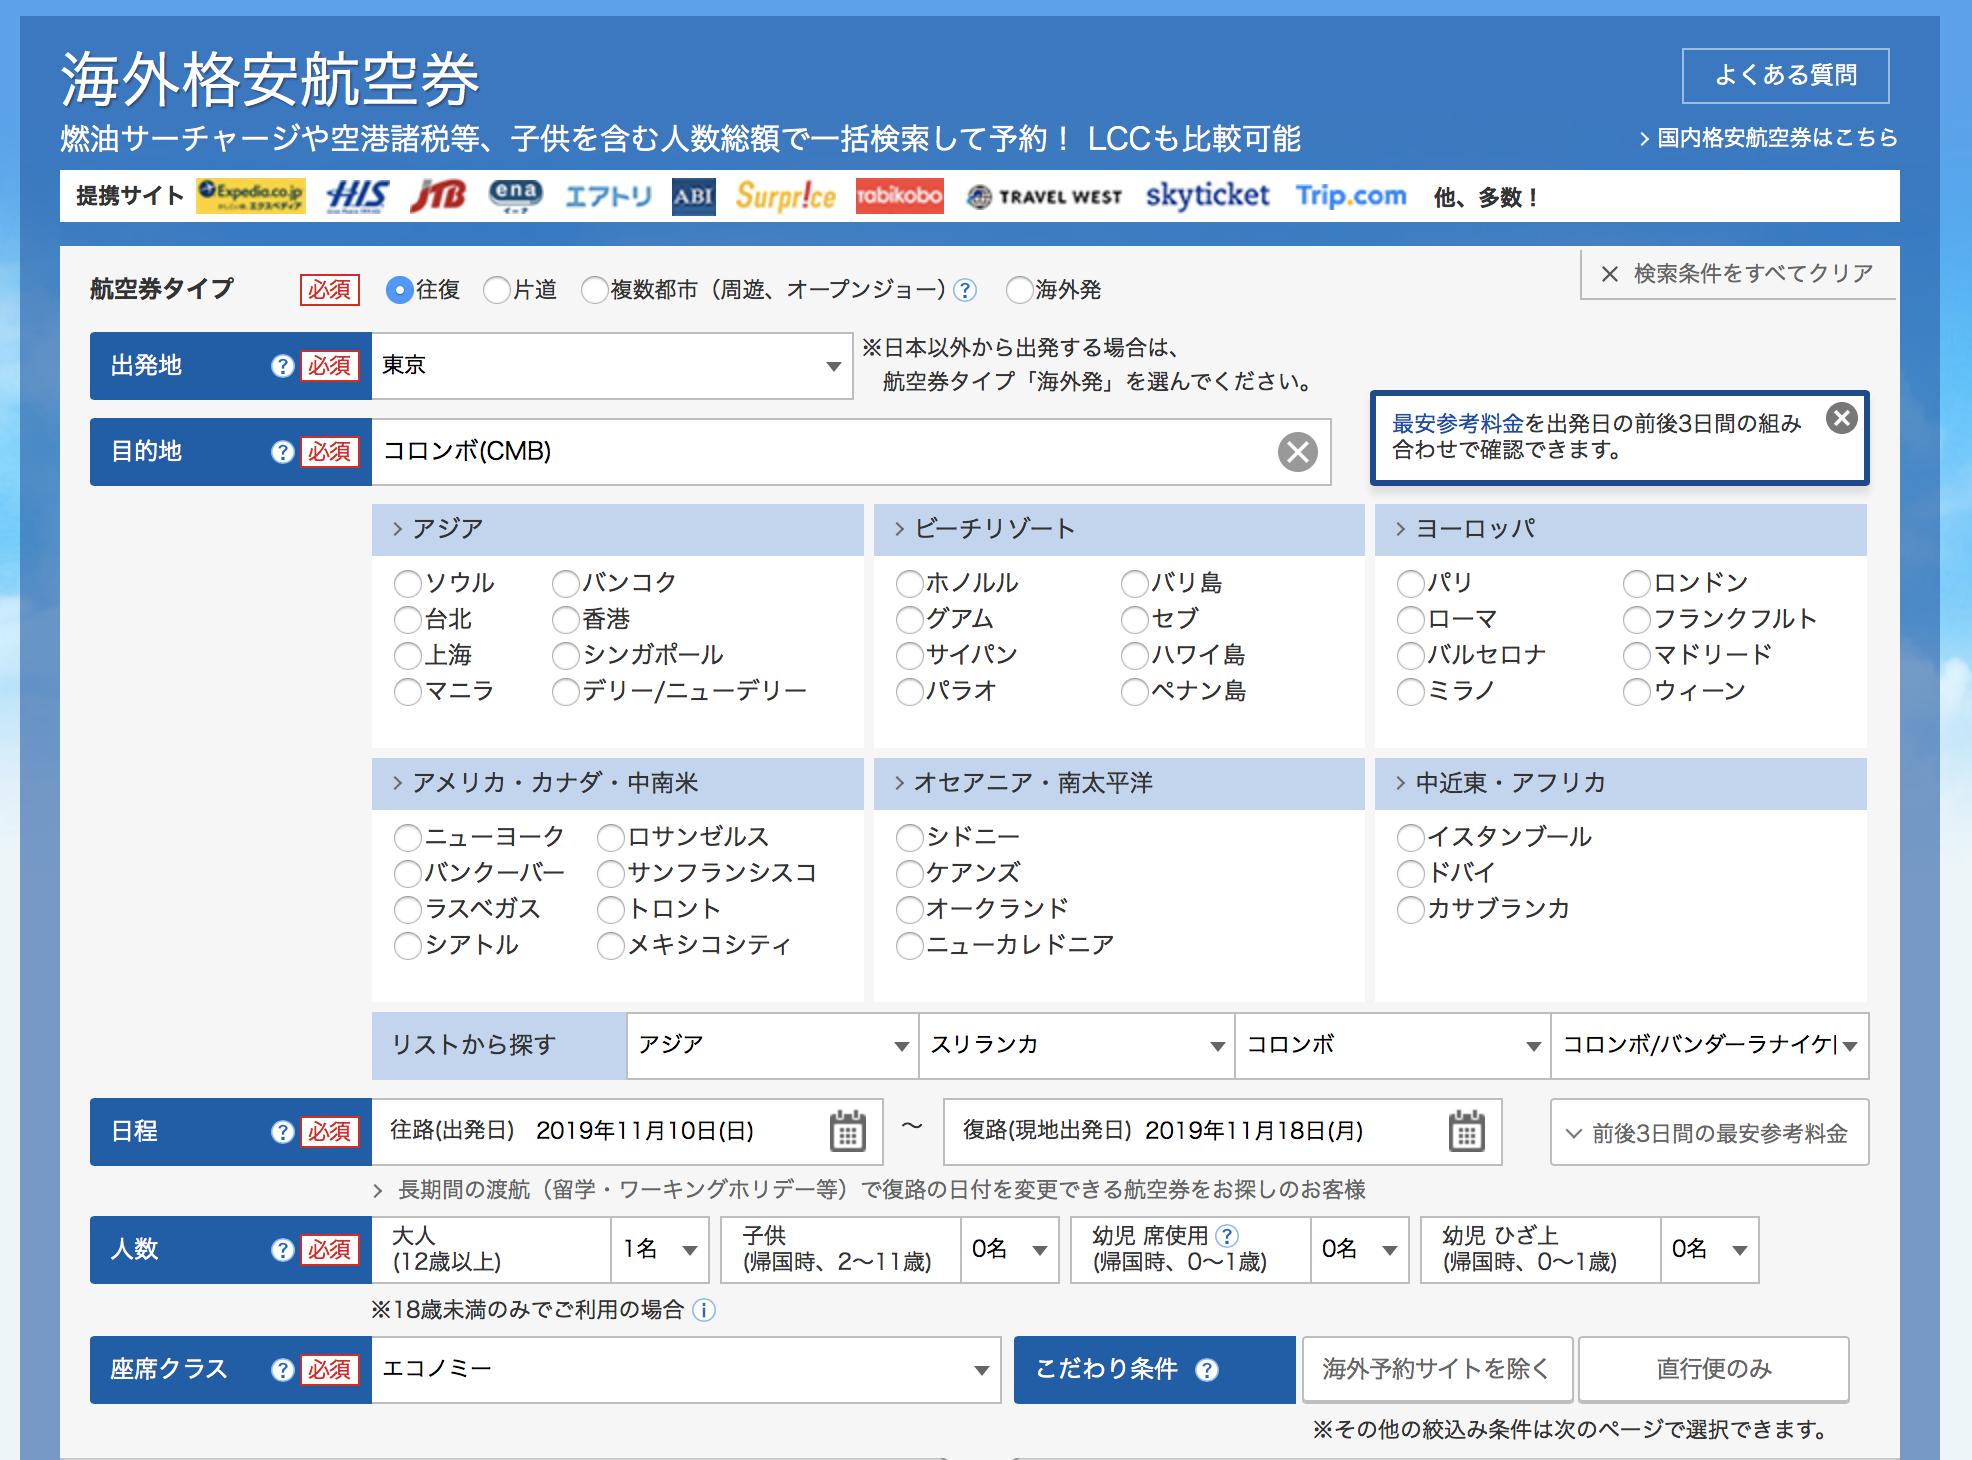 トラベルこちゃんでの海外格安航空券の検索方法